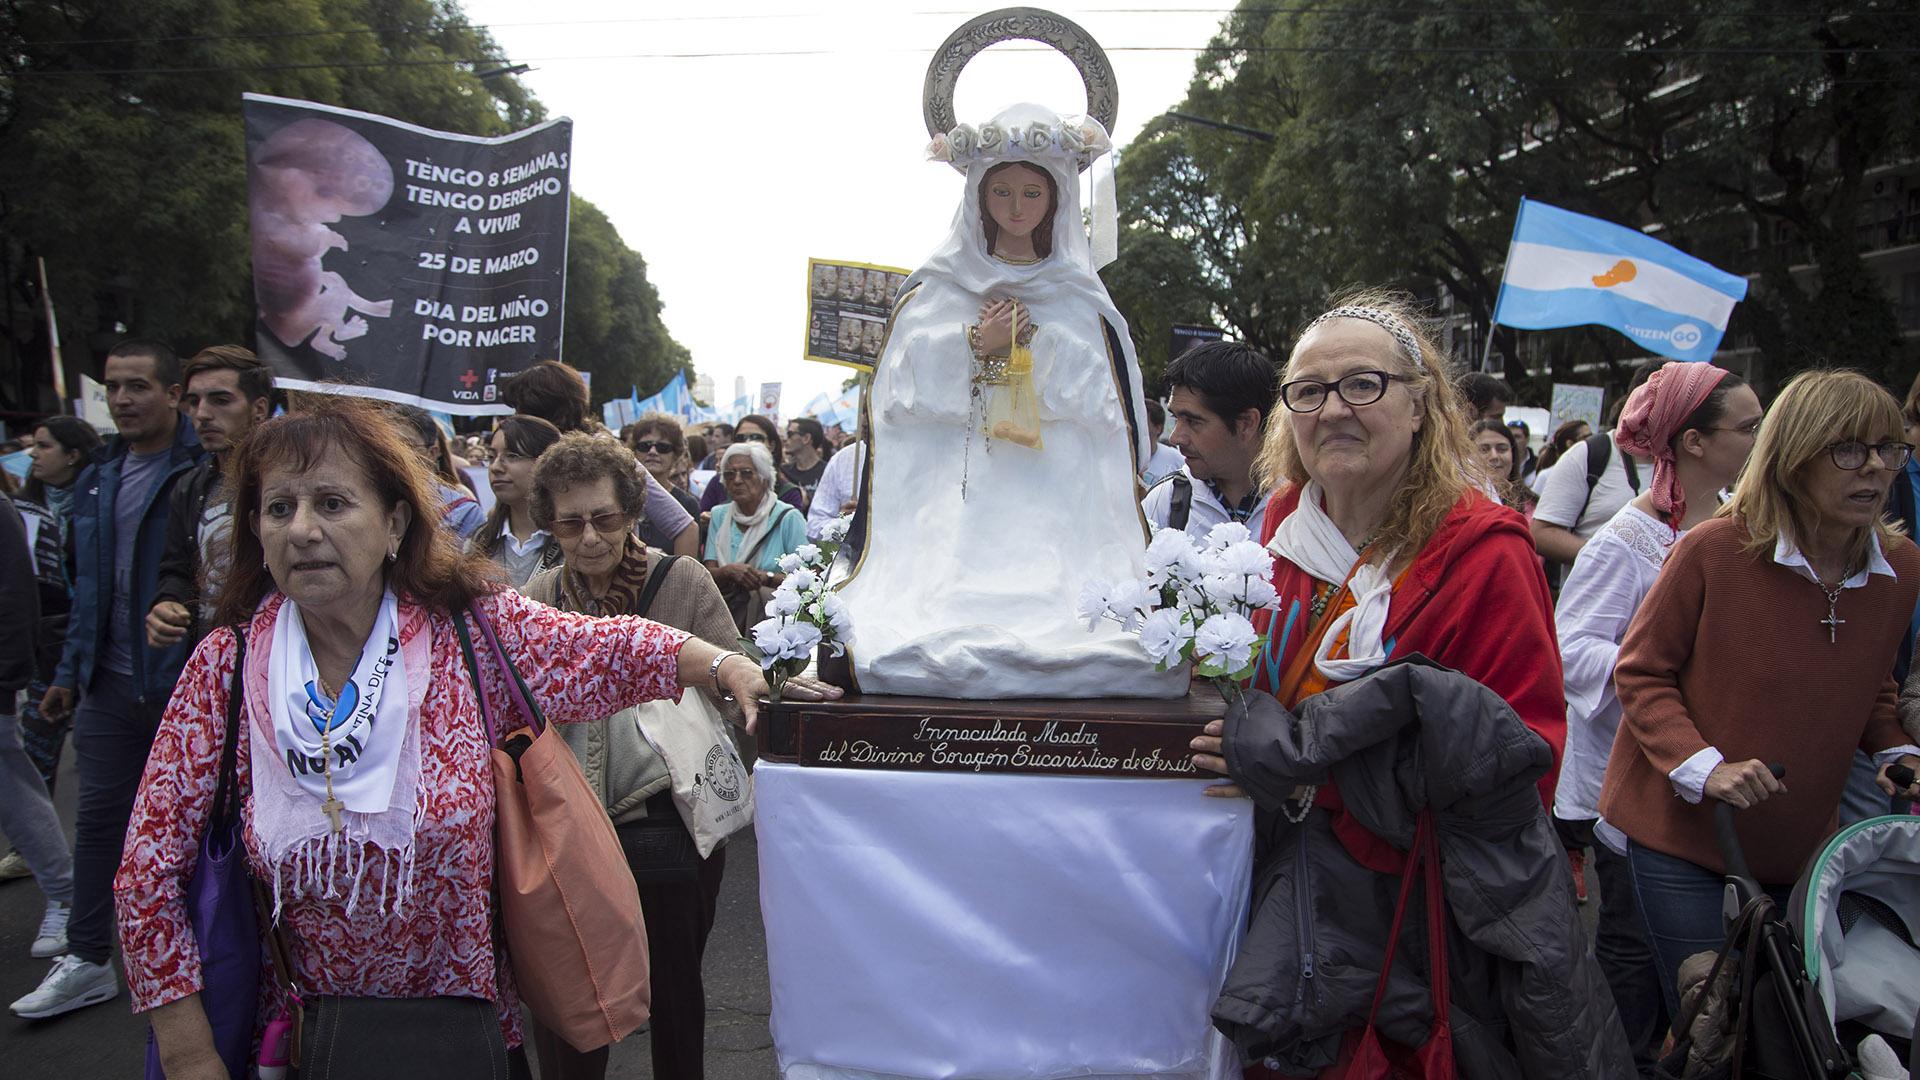 La convocatoria se realizó con motivo delacelebracióndel Día del Niño por Nacer